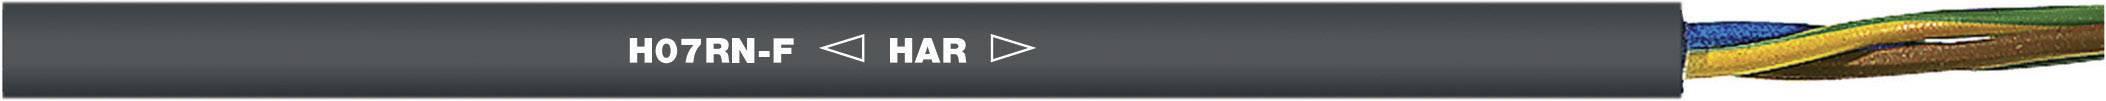 Připojovací kabel H07RN-F 2 x 6 mm² černá LappKabel 1600095/50 50 m